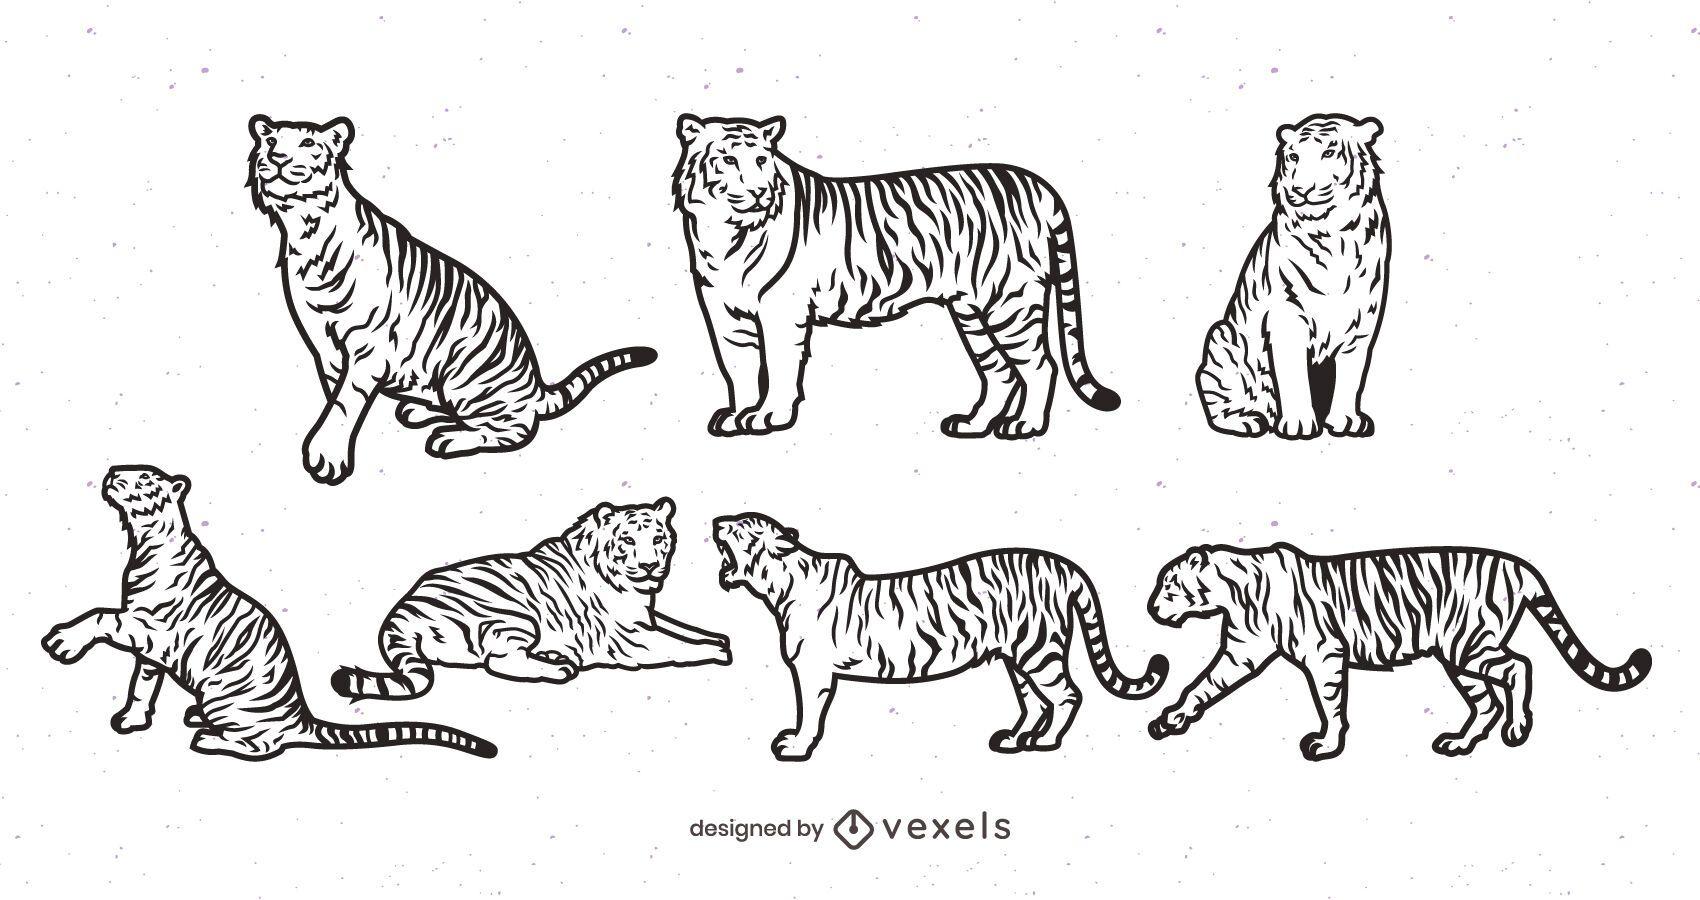 Diseño de escenografía de tigre